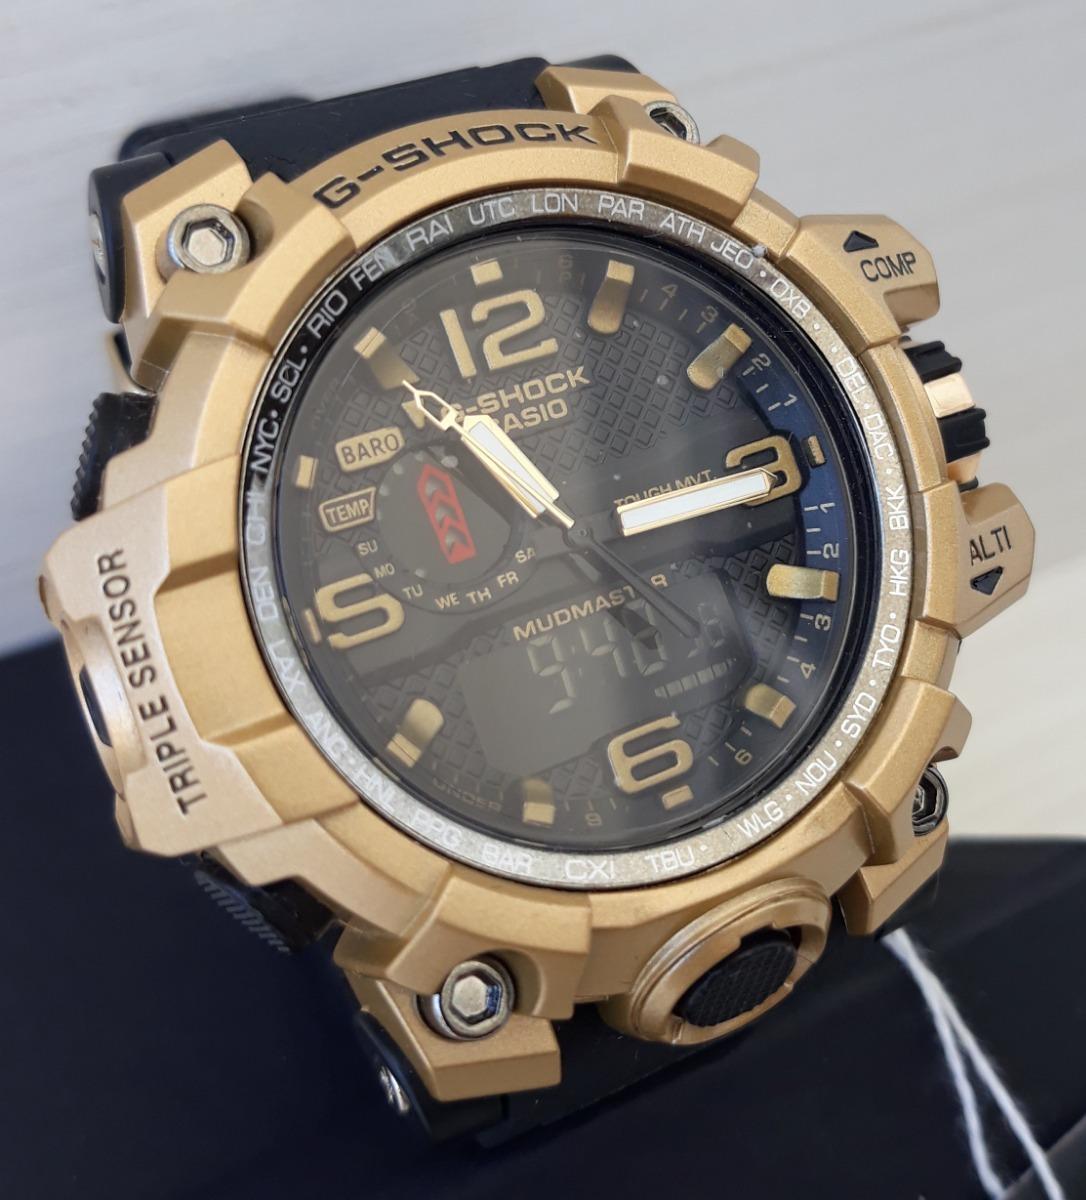 3e9c01d7976 relógio g-shock caixa dourada e pulseira preta mund. Carregando zoom.